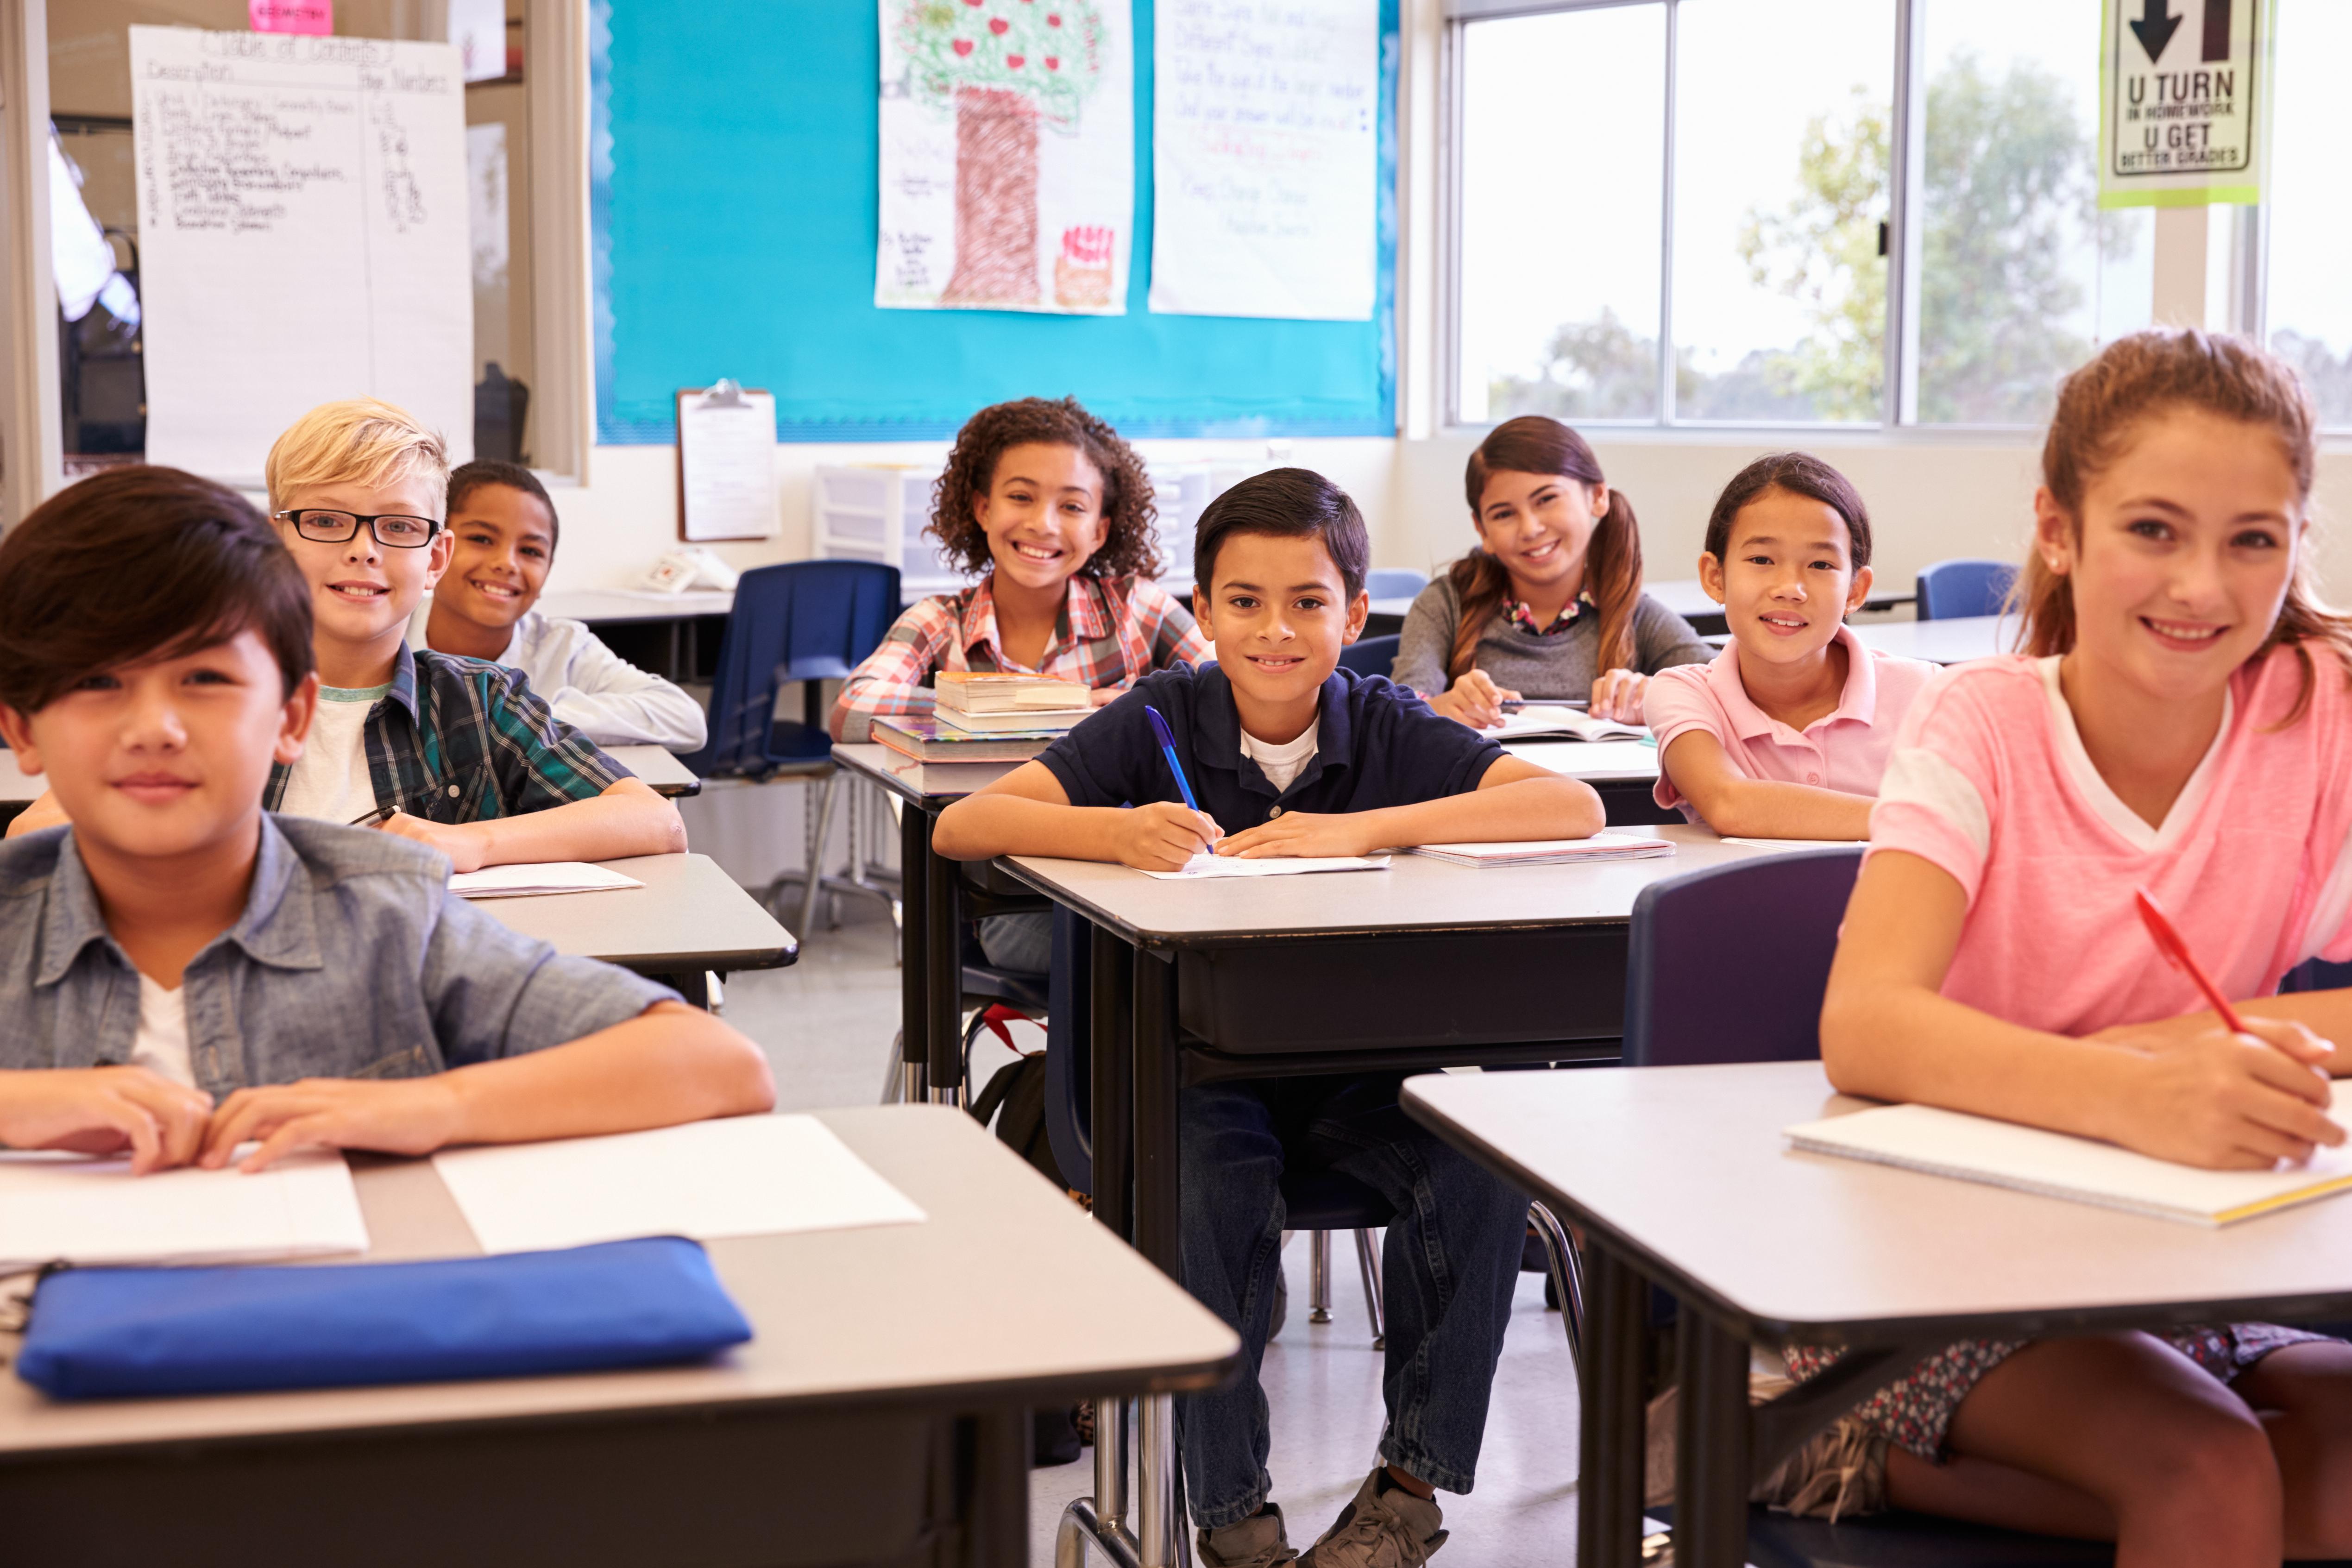 Promouvoir un environnement de classe positif